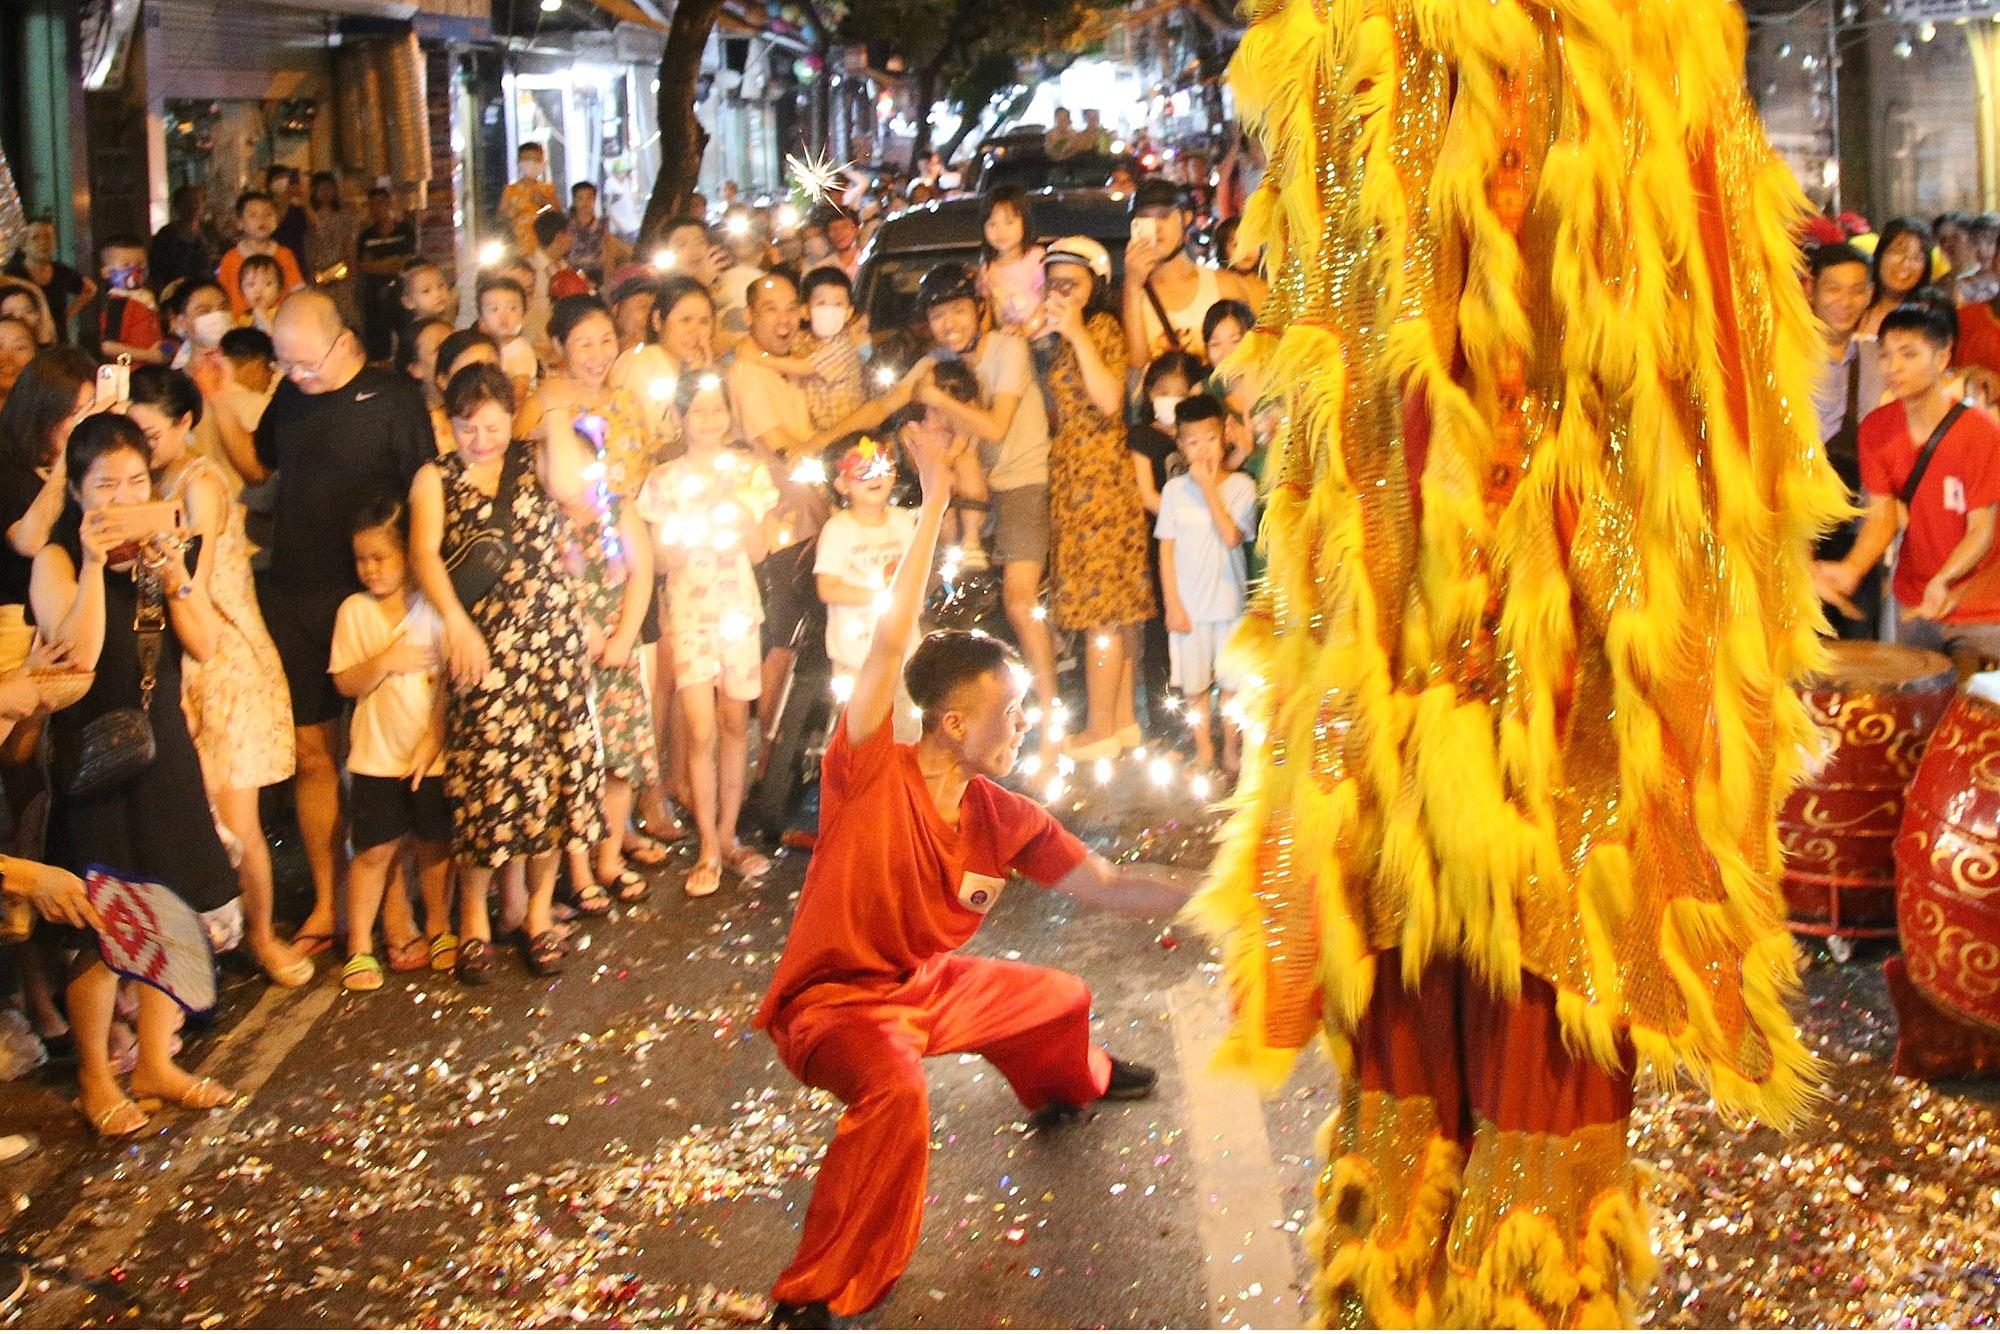 Sôi động đêm trung thu trên đường phố Hà Nội - 7